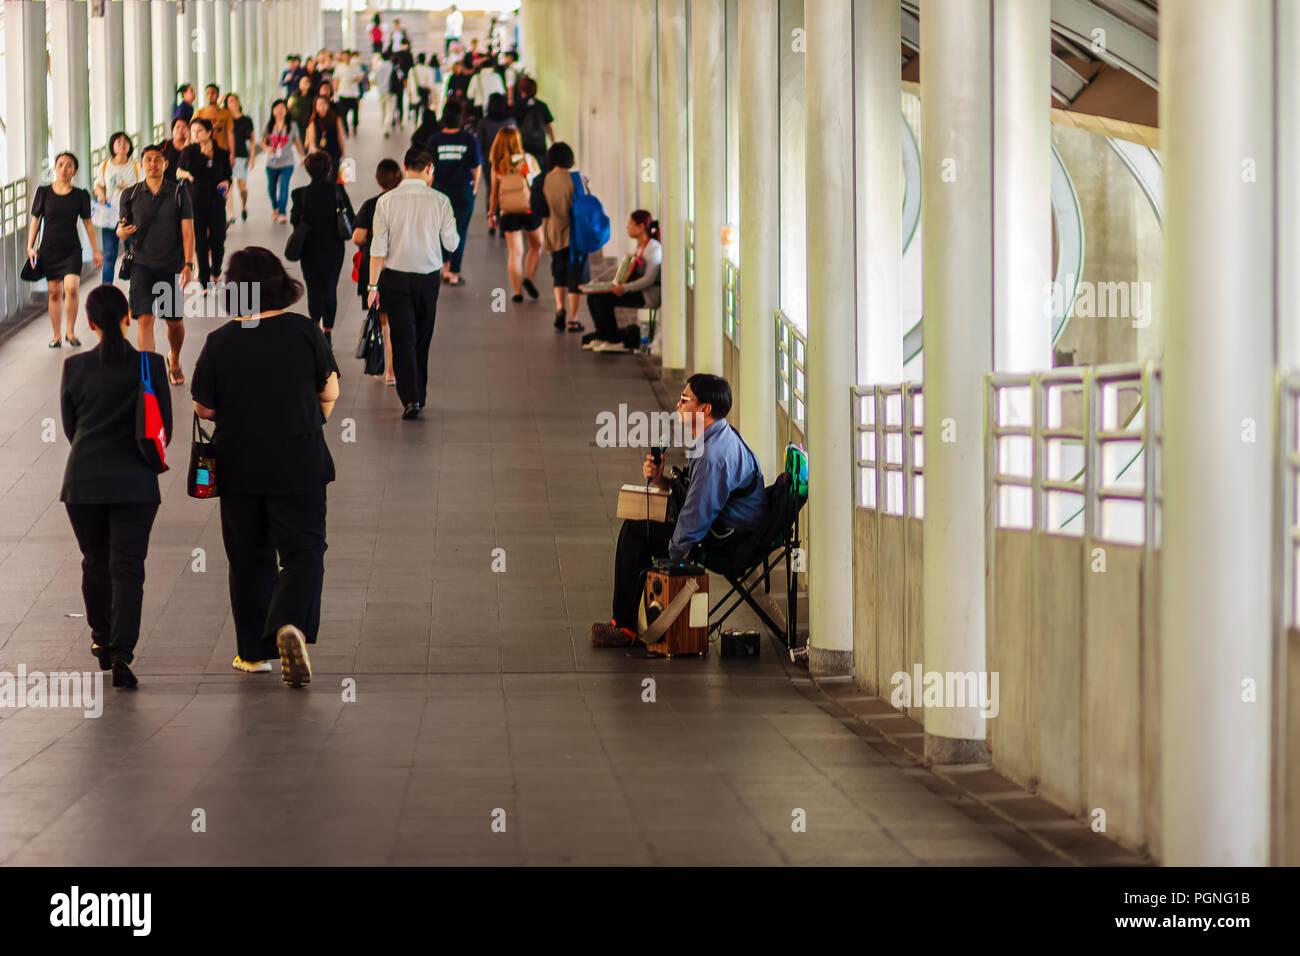 Bangkok, Thaïlande - 22 Février, 2017: Blind singer est un chant pour la mendicité, alors que les gens sont à pied à travers ce chanteur mendiant sans que personne Photo Stock